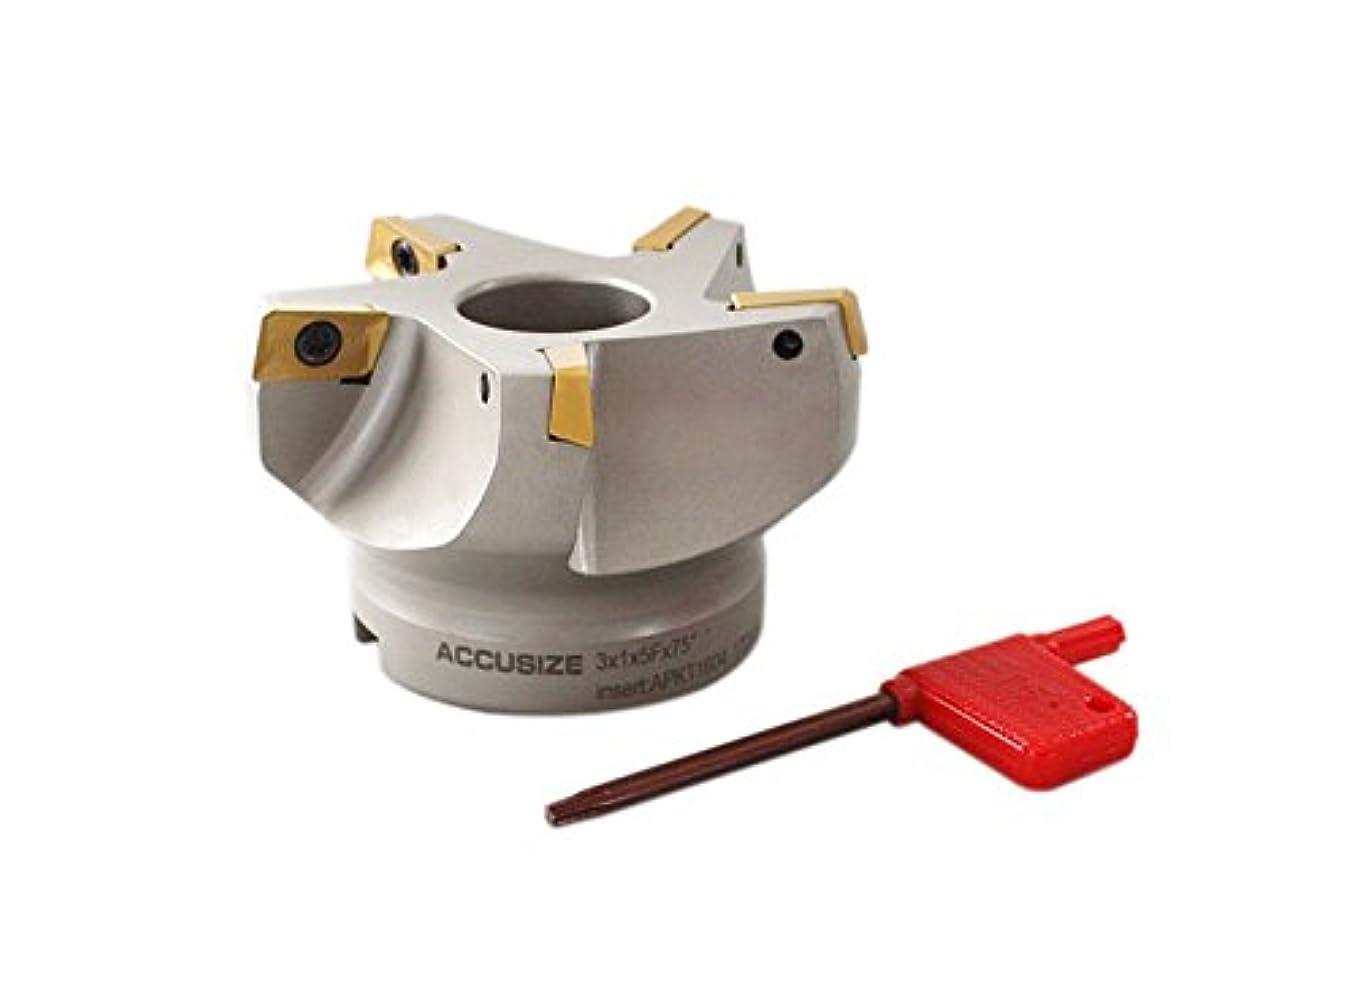 Accusize Tools - 3